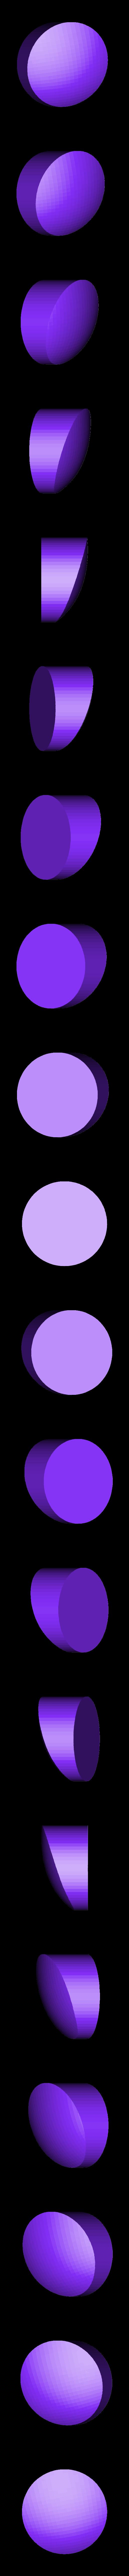 1UP_modular_dot_4.stl Télécharger fichier STL gratuit Cintre Super Mario Mushroom 1UP (Extrusion simple double et modulaire) • Objet imprimable en 3D, Runstone